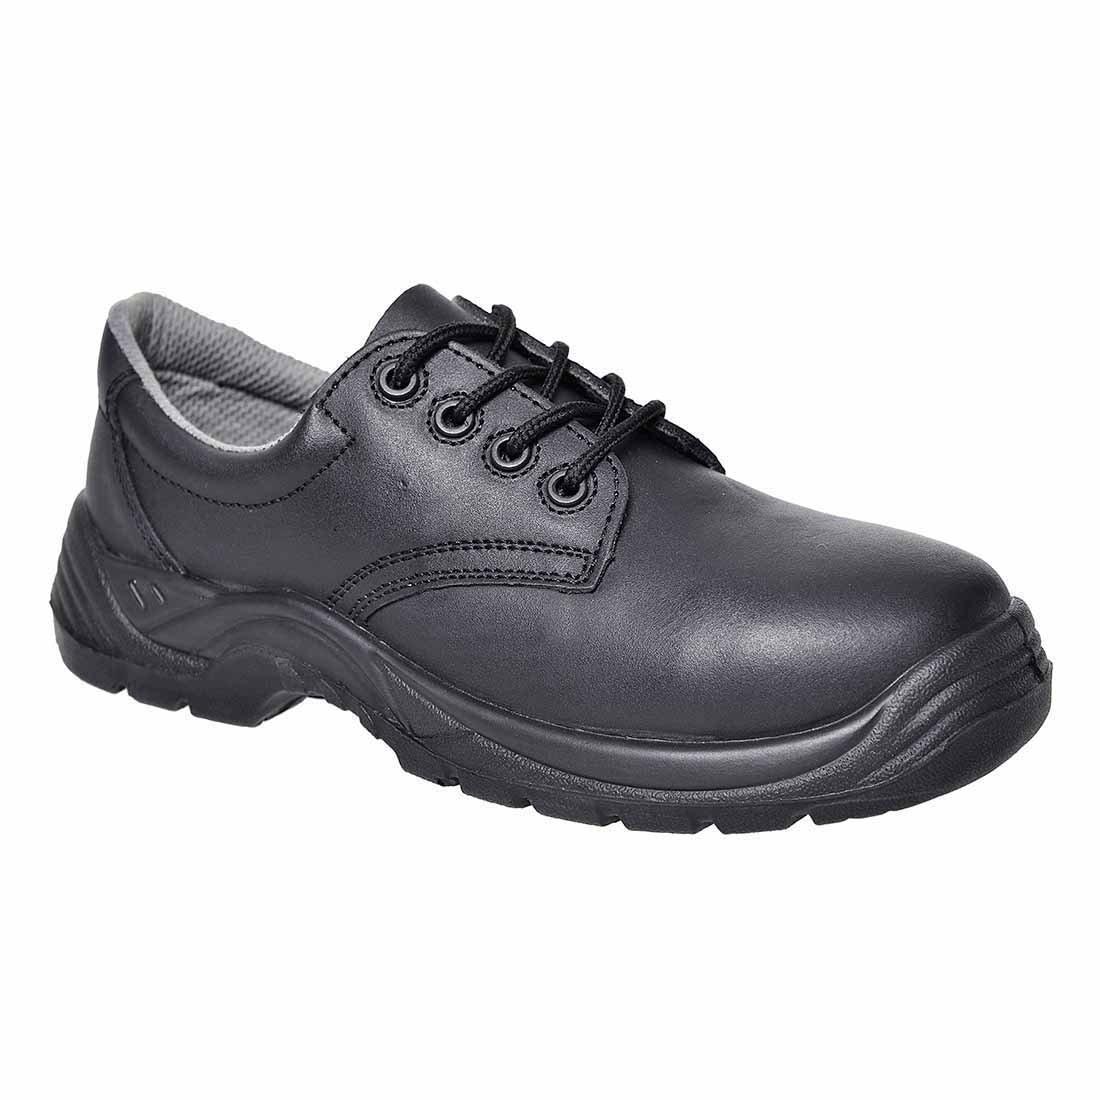 Portwest S1 Chaussure de Sécurité Basses Non Métalliques S1 Portwest Compositelite 43 EU|Noir 2c043a